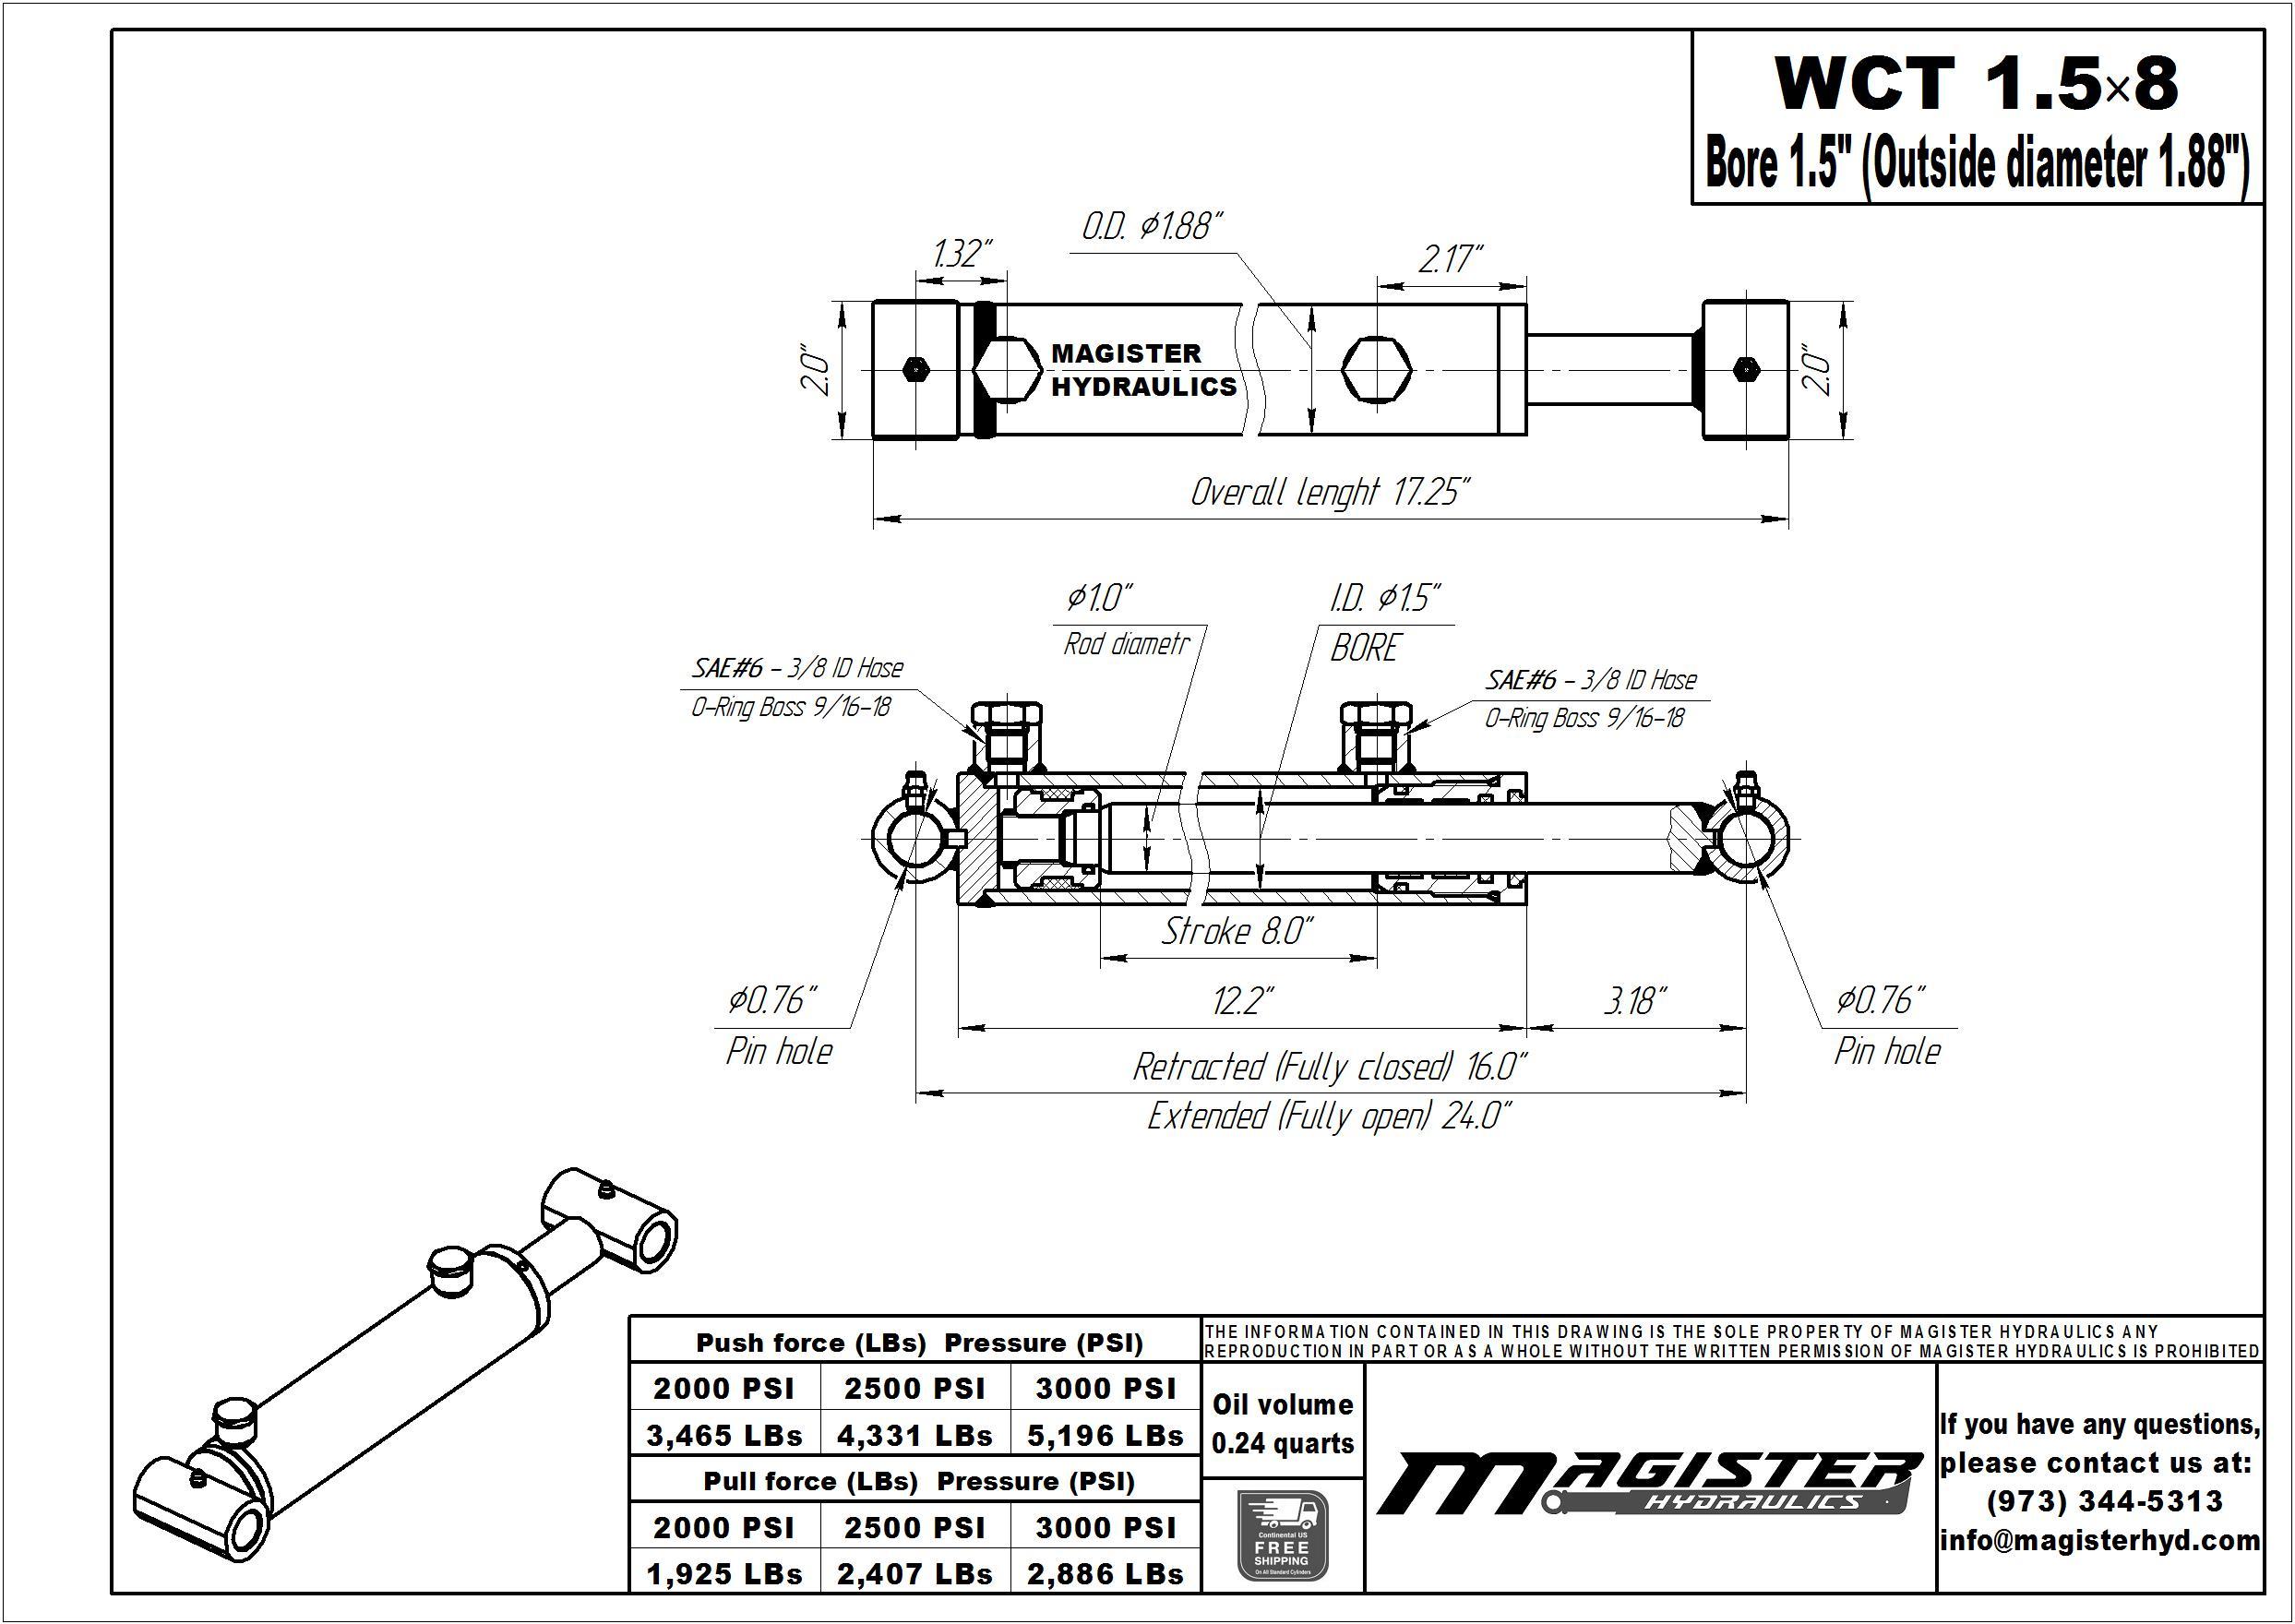 WCT 1.5-8